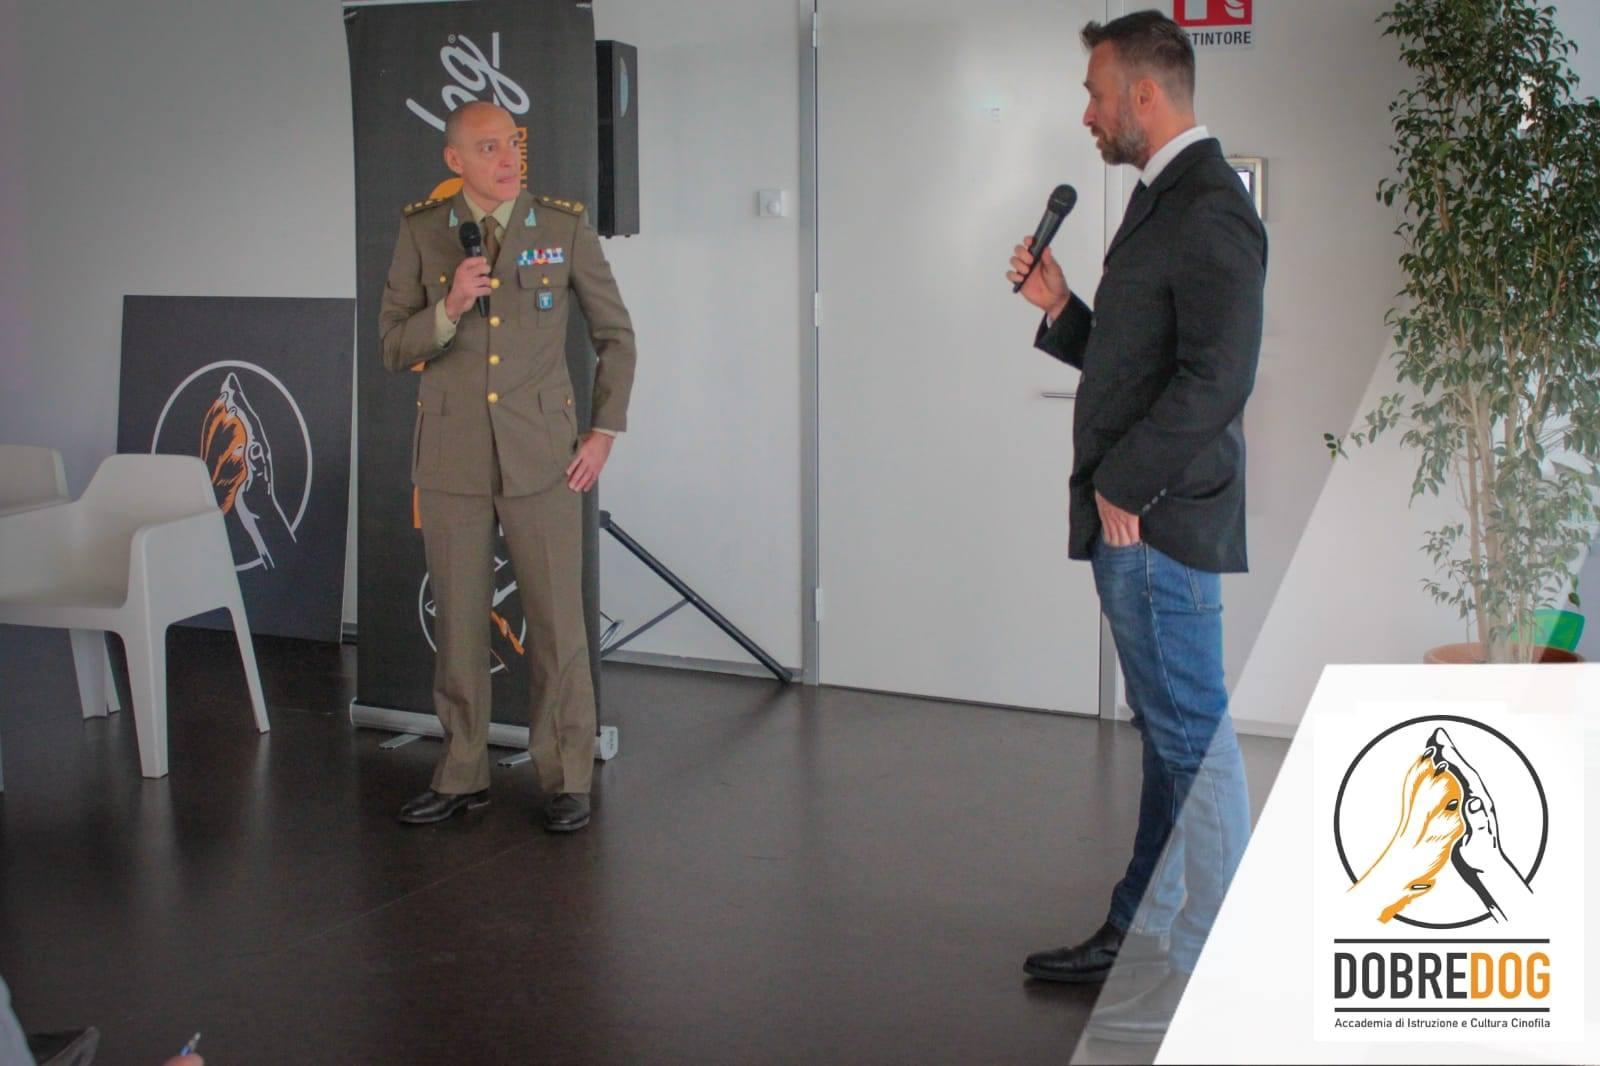 Tenente Colonello Lorenzo Tidu, Medico Veterinario responsabile del Centro di Addestramento dell'Esercito Italiano di Grosseto